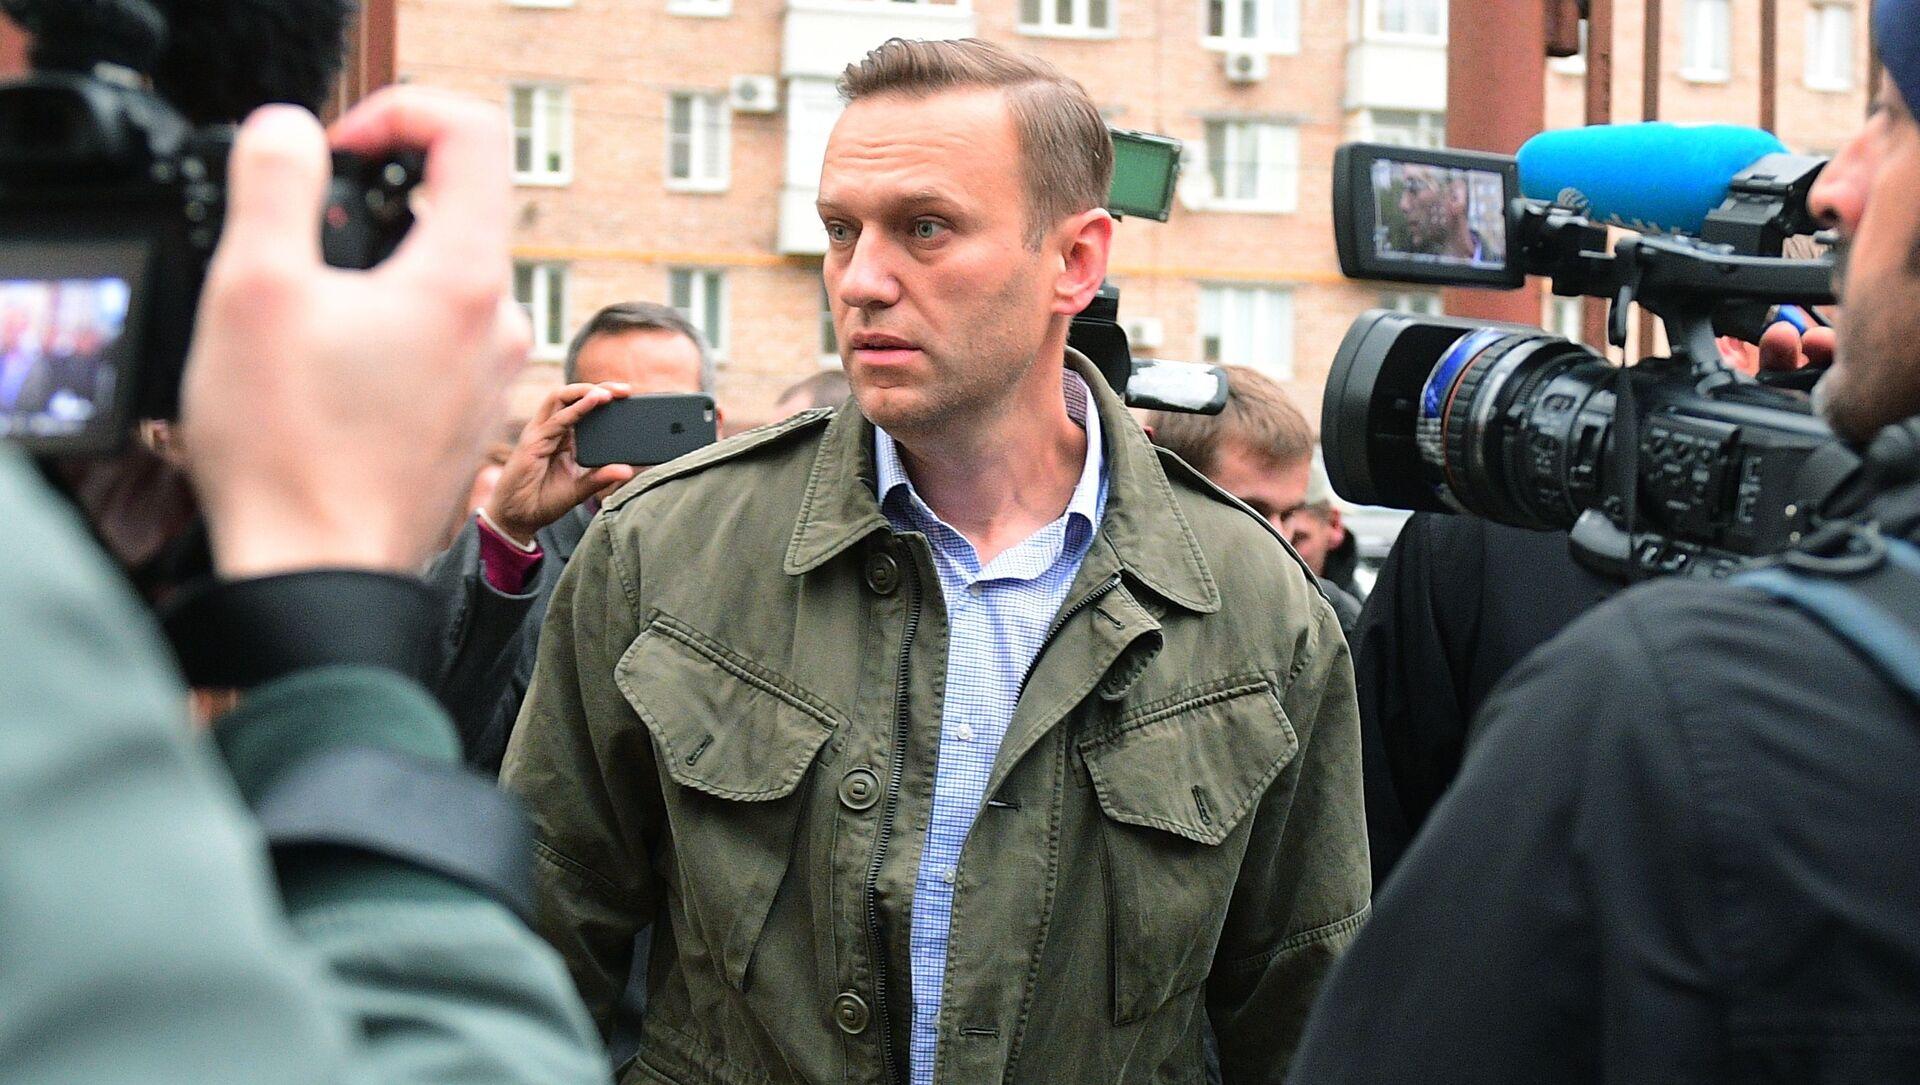 Rosyjski polityk i działacz publiczny Aleksiej Nawalny pod budynkiem Sądu Okręgowego w Moskwie - Sputnik Polska, 1920, 09.03.2021